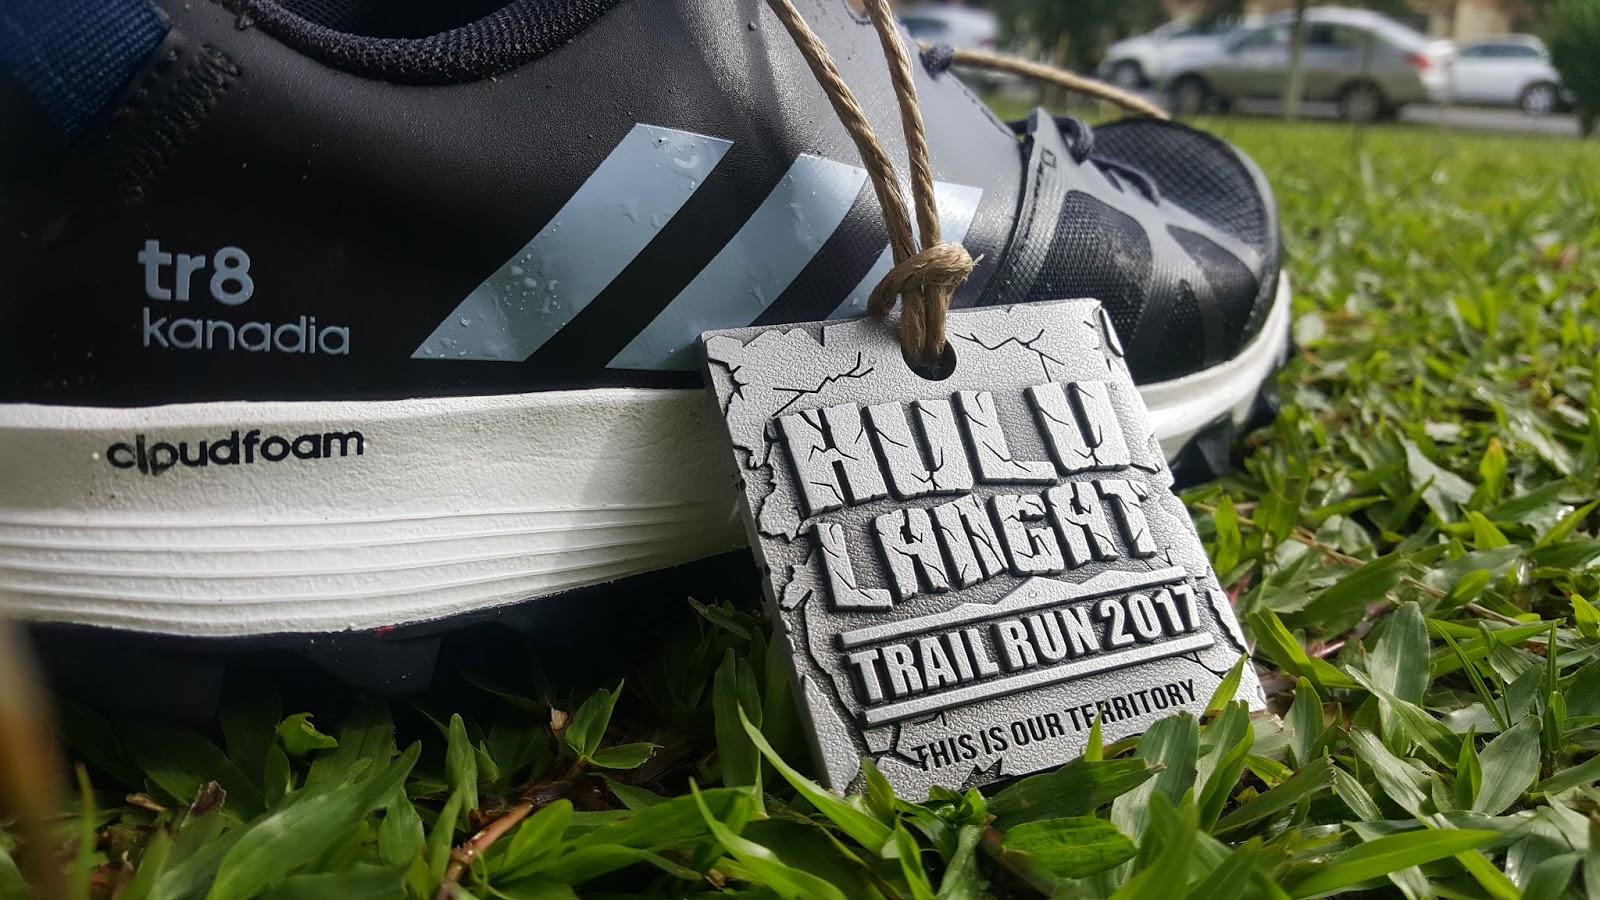 Hulu Langat Trail Run 2017